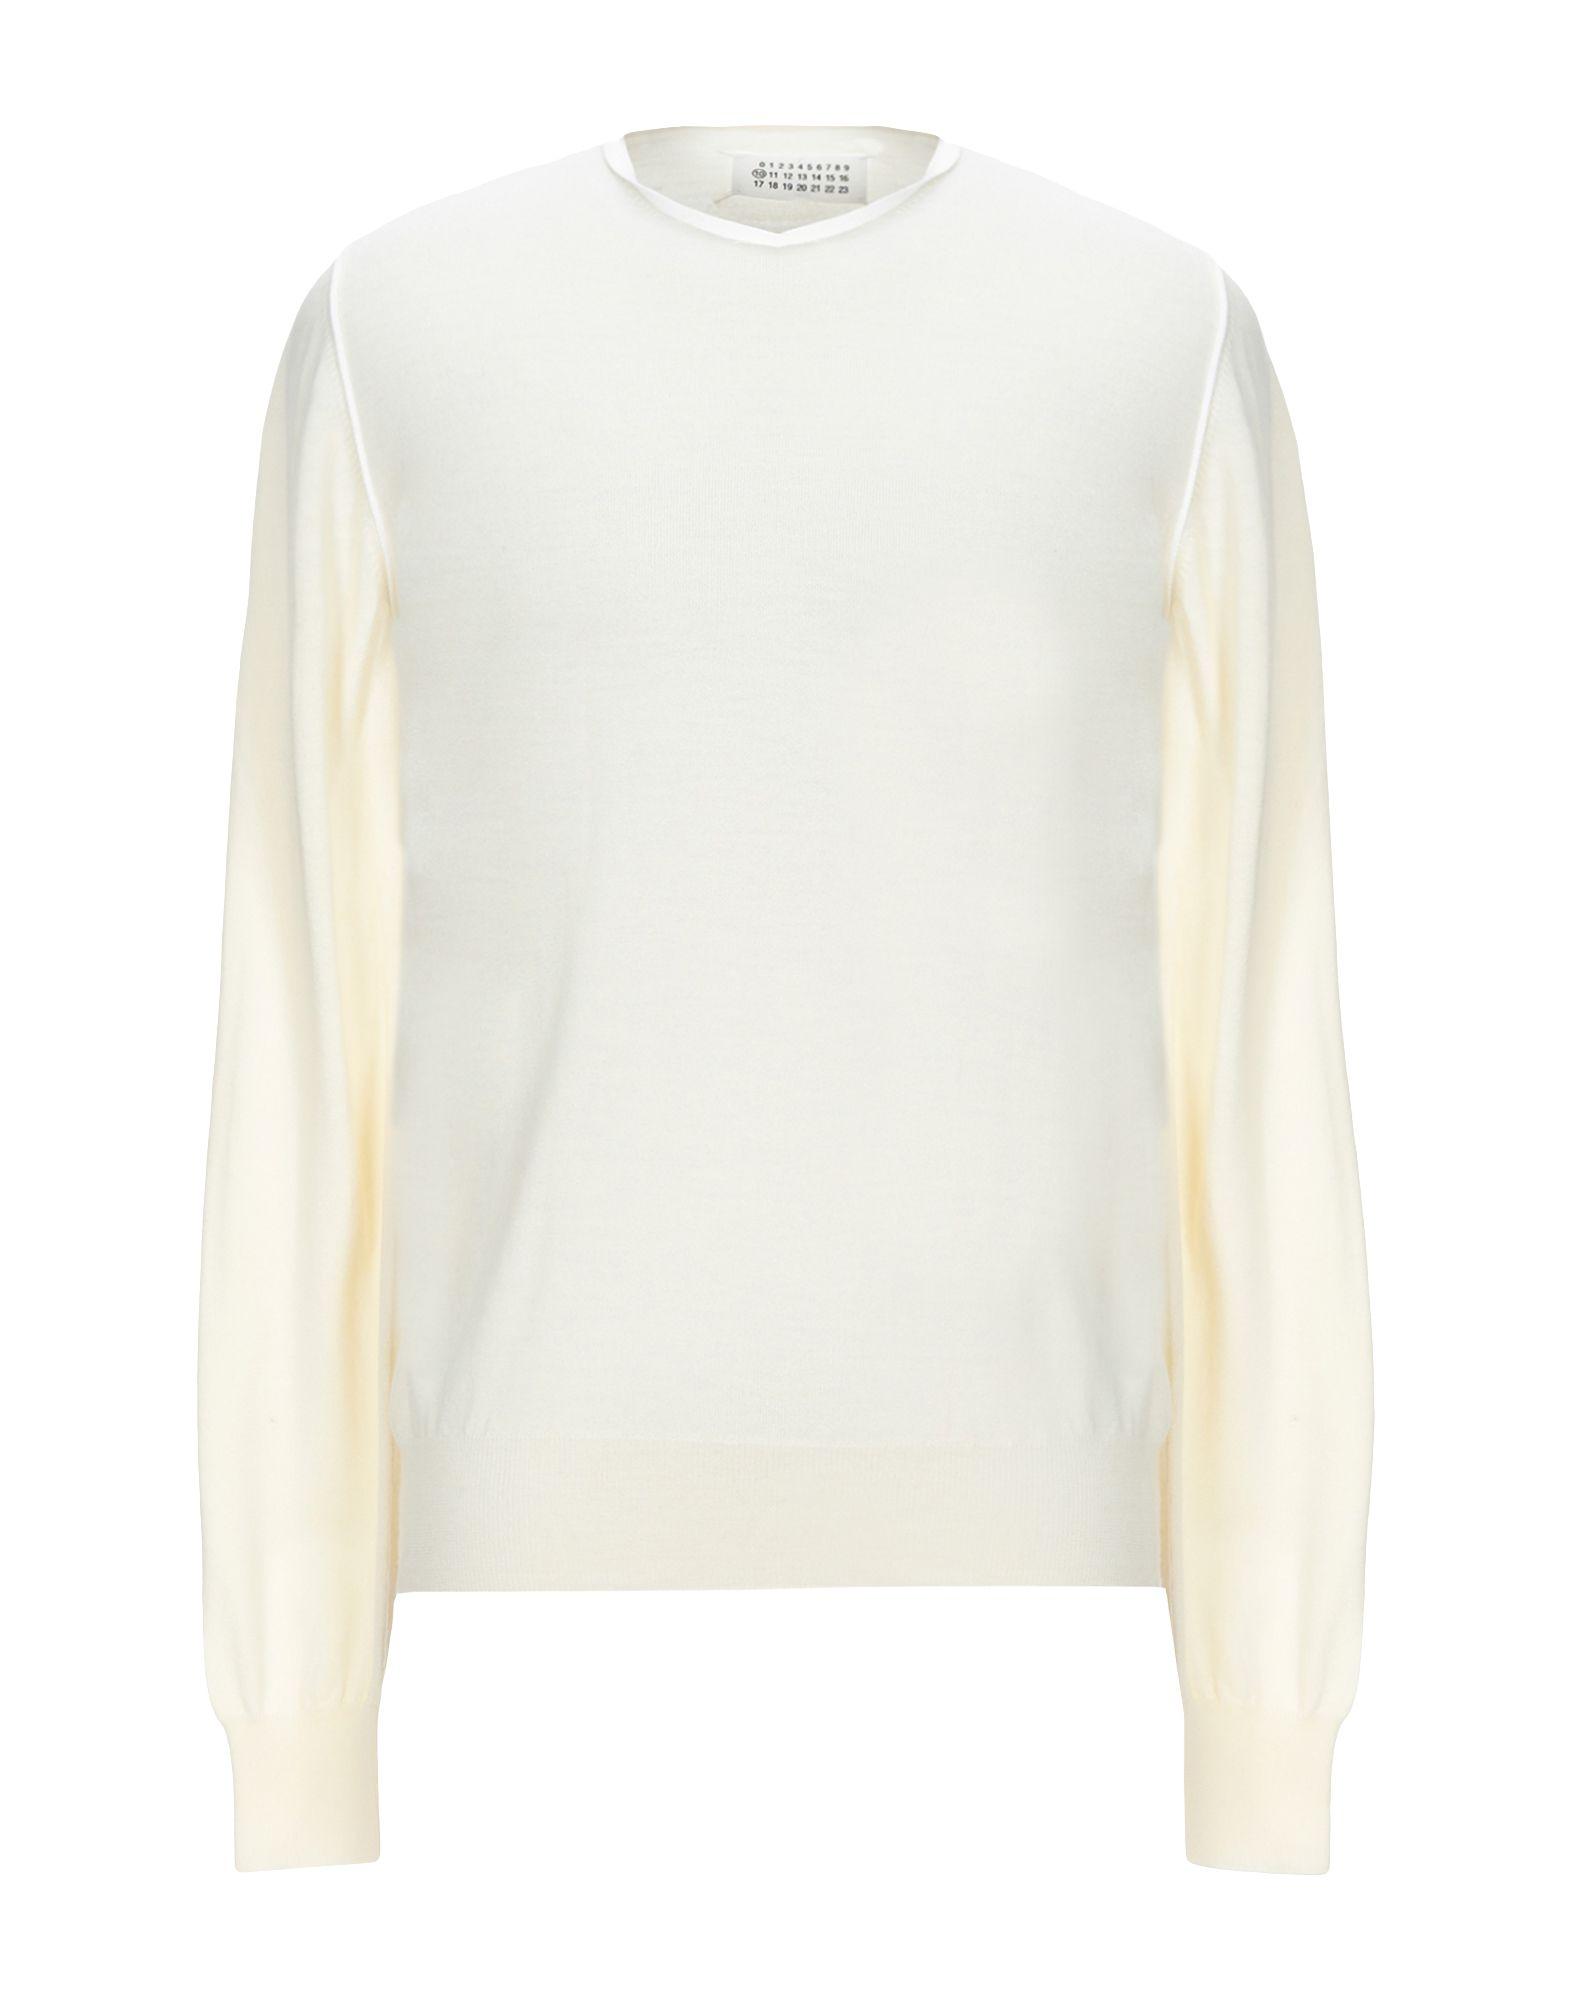 MAISON MARGIELA Sweaters - Item 14000605